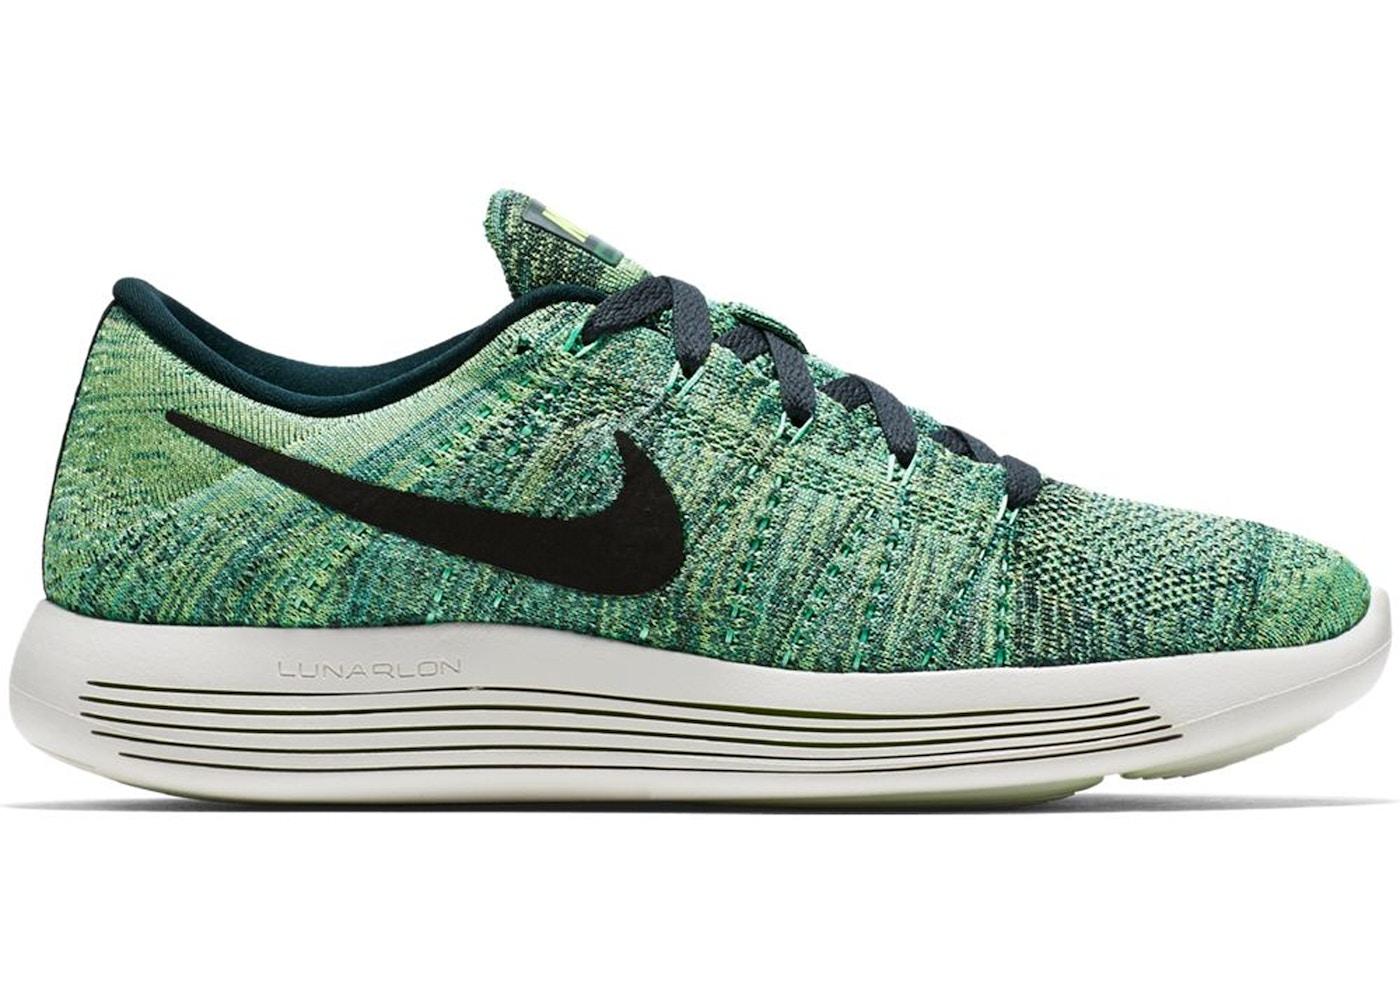 bcfb33eadd3ee Nike LunarEpic Low Flyknit Seaweed - 843764-300